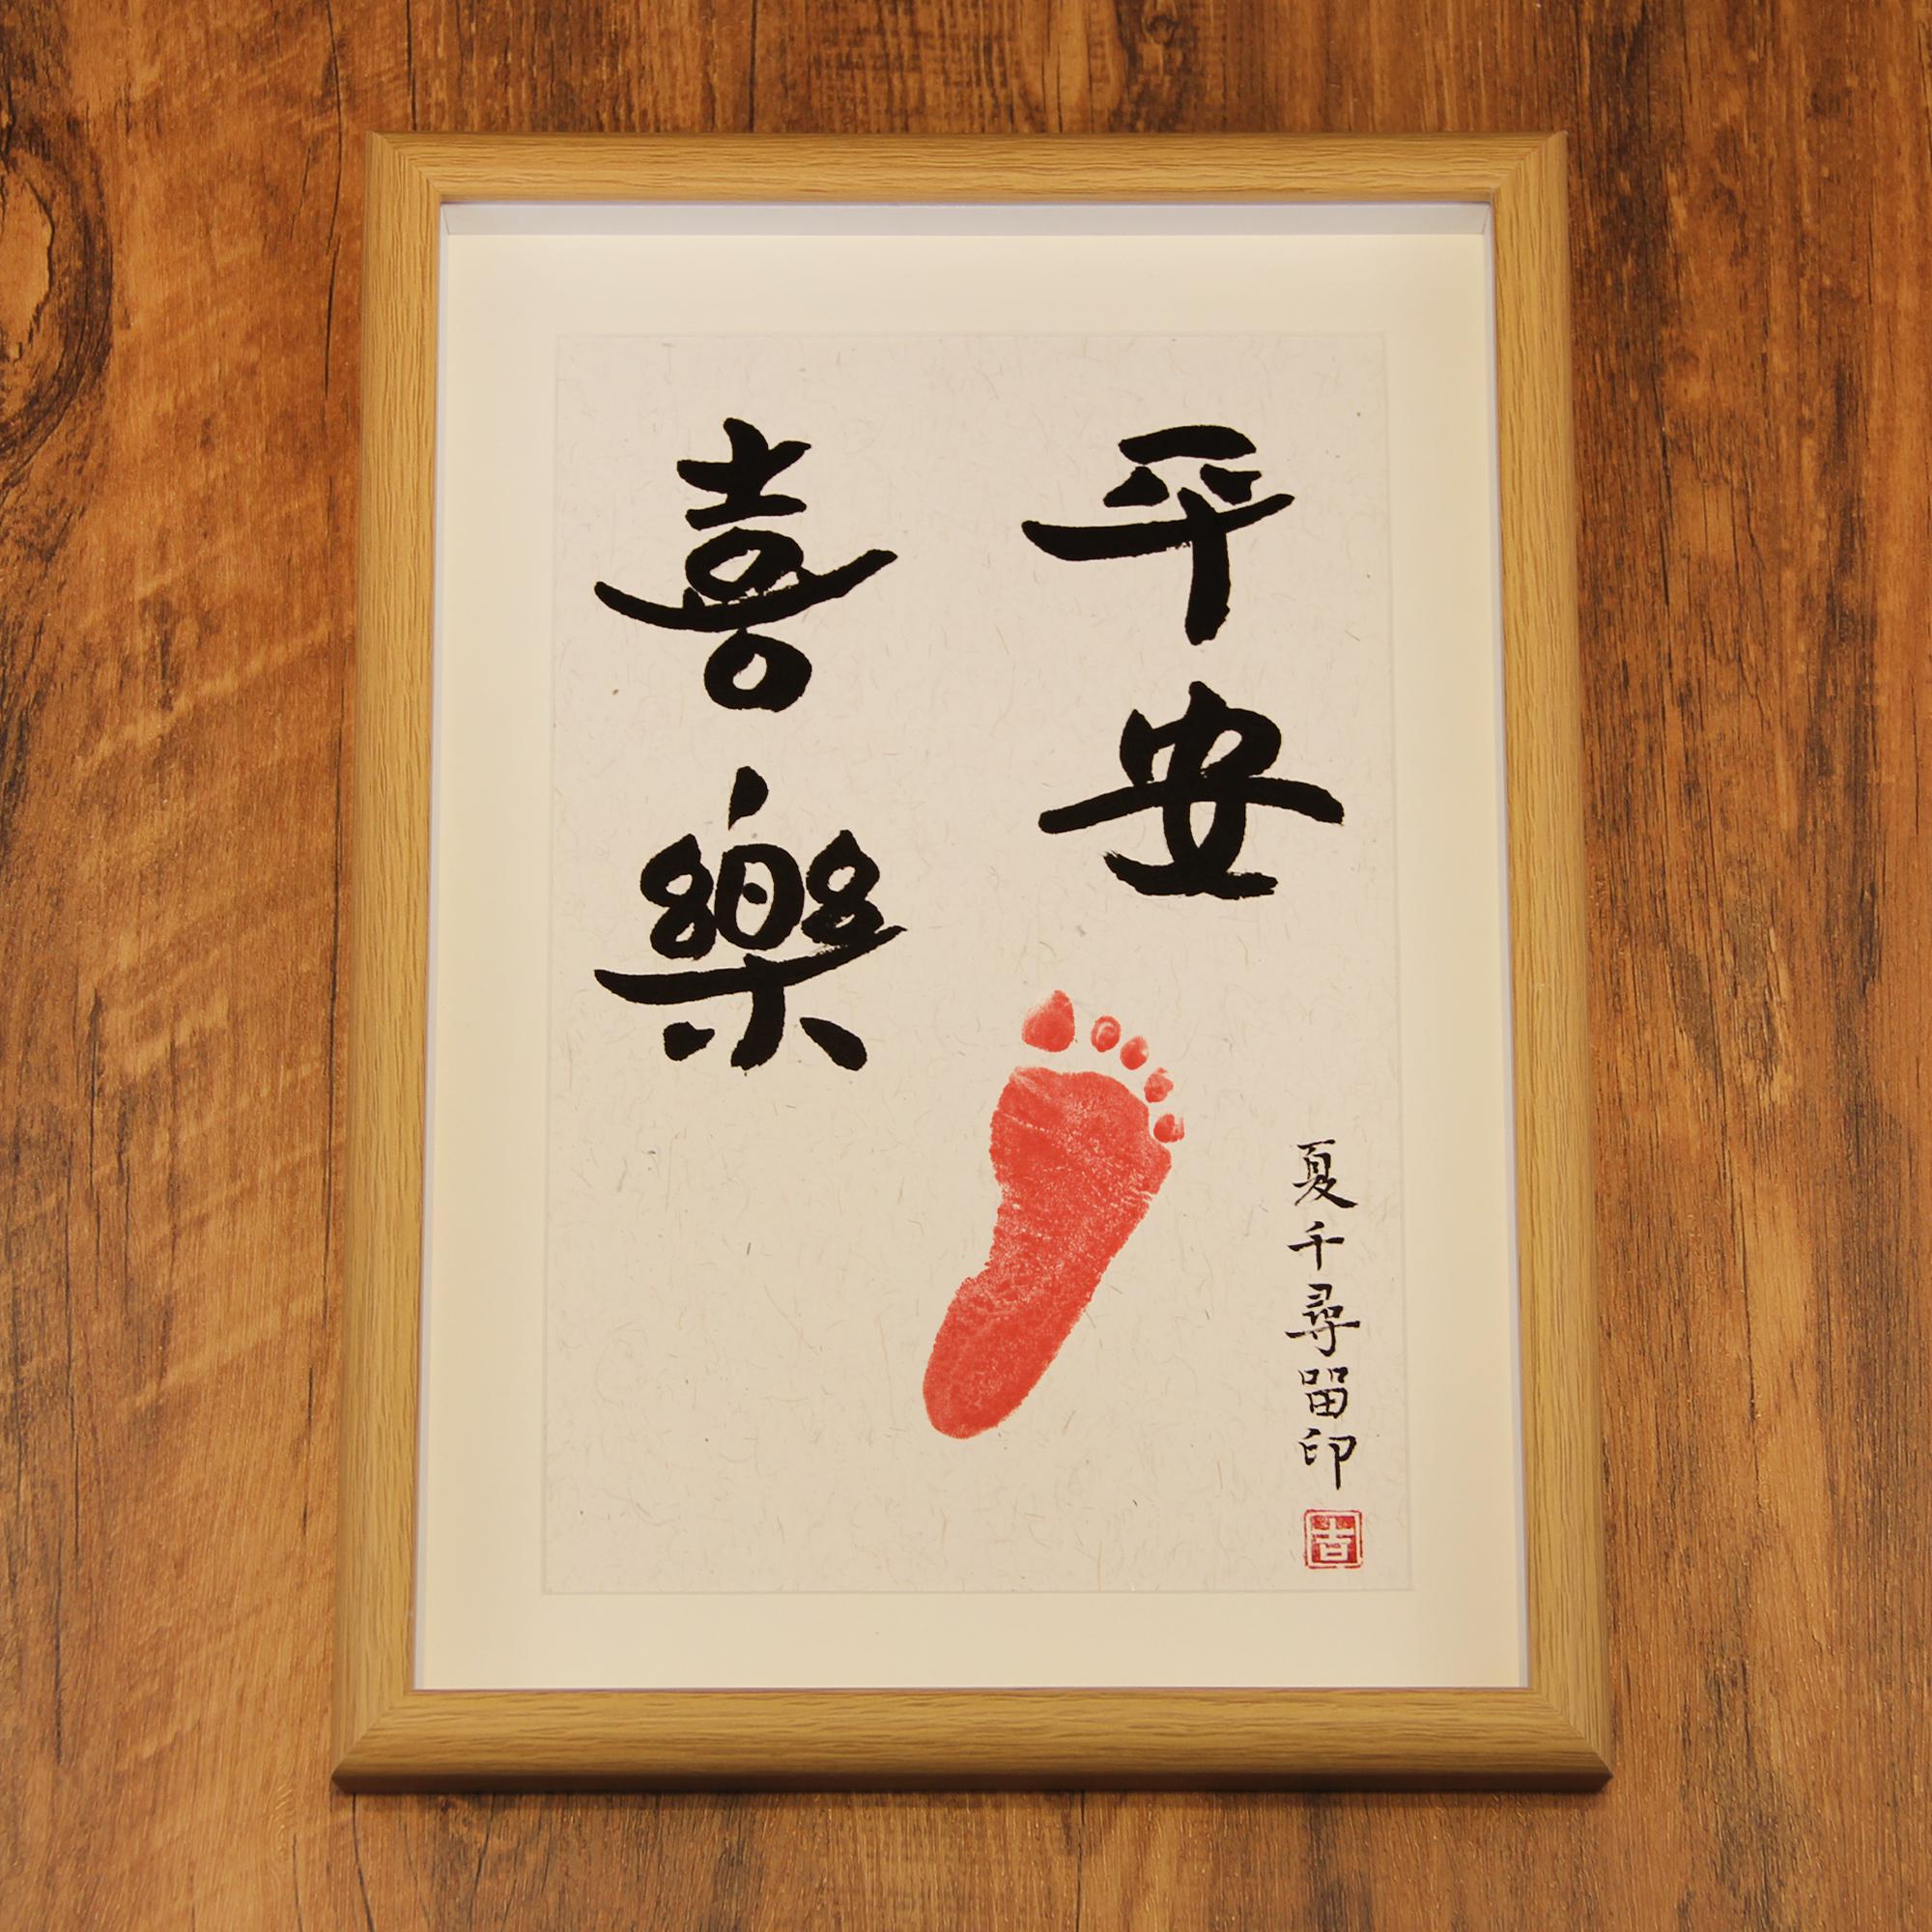 原創手寫平安喜樂知足常樂字畫腳印寶寶百天周歲紀念禮擺臺掛畫